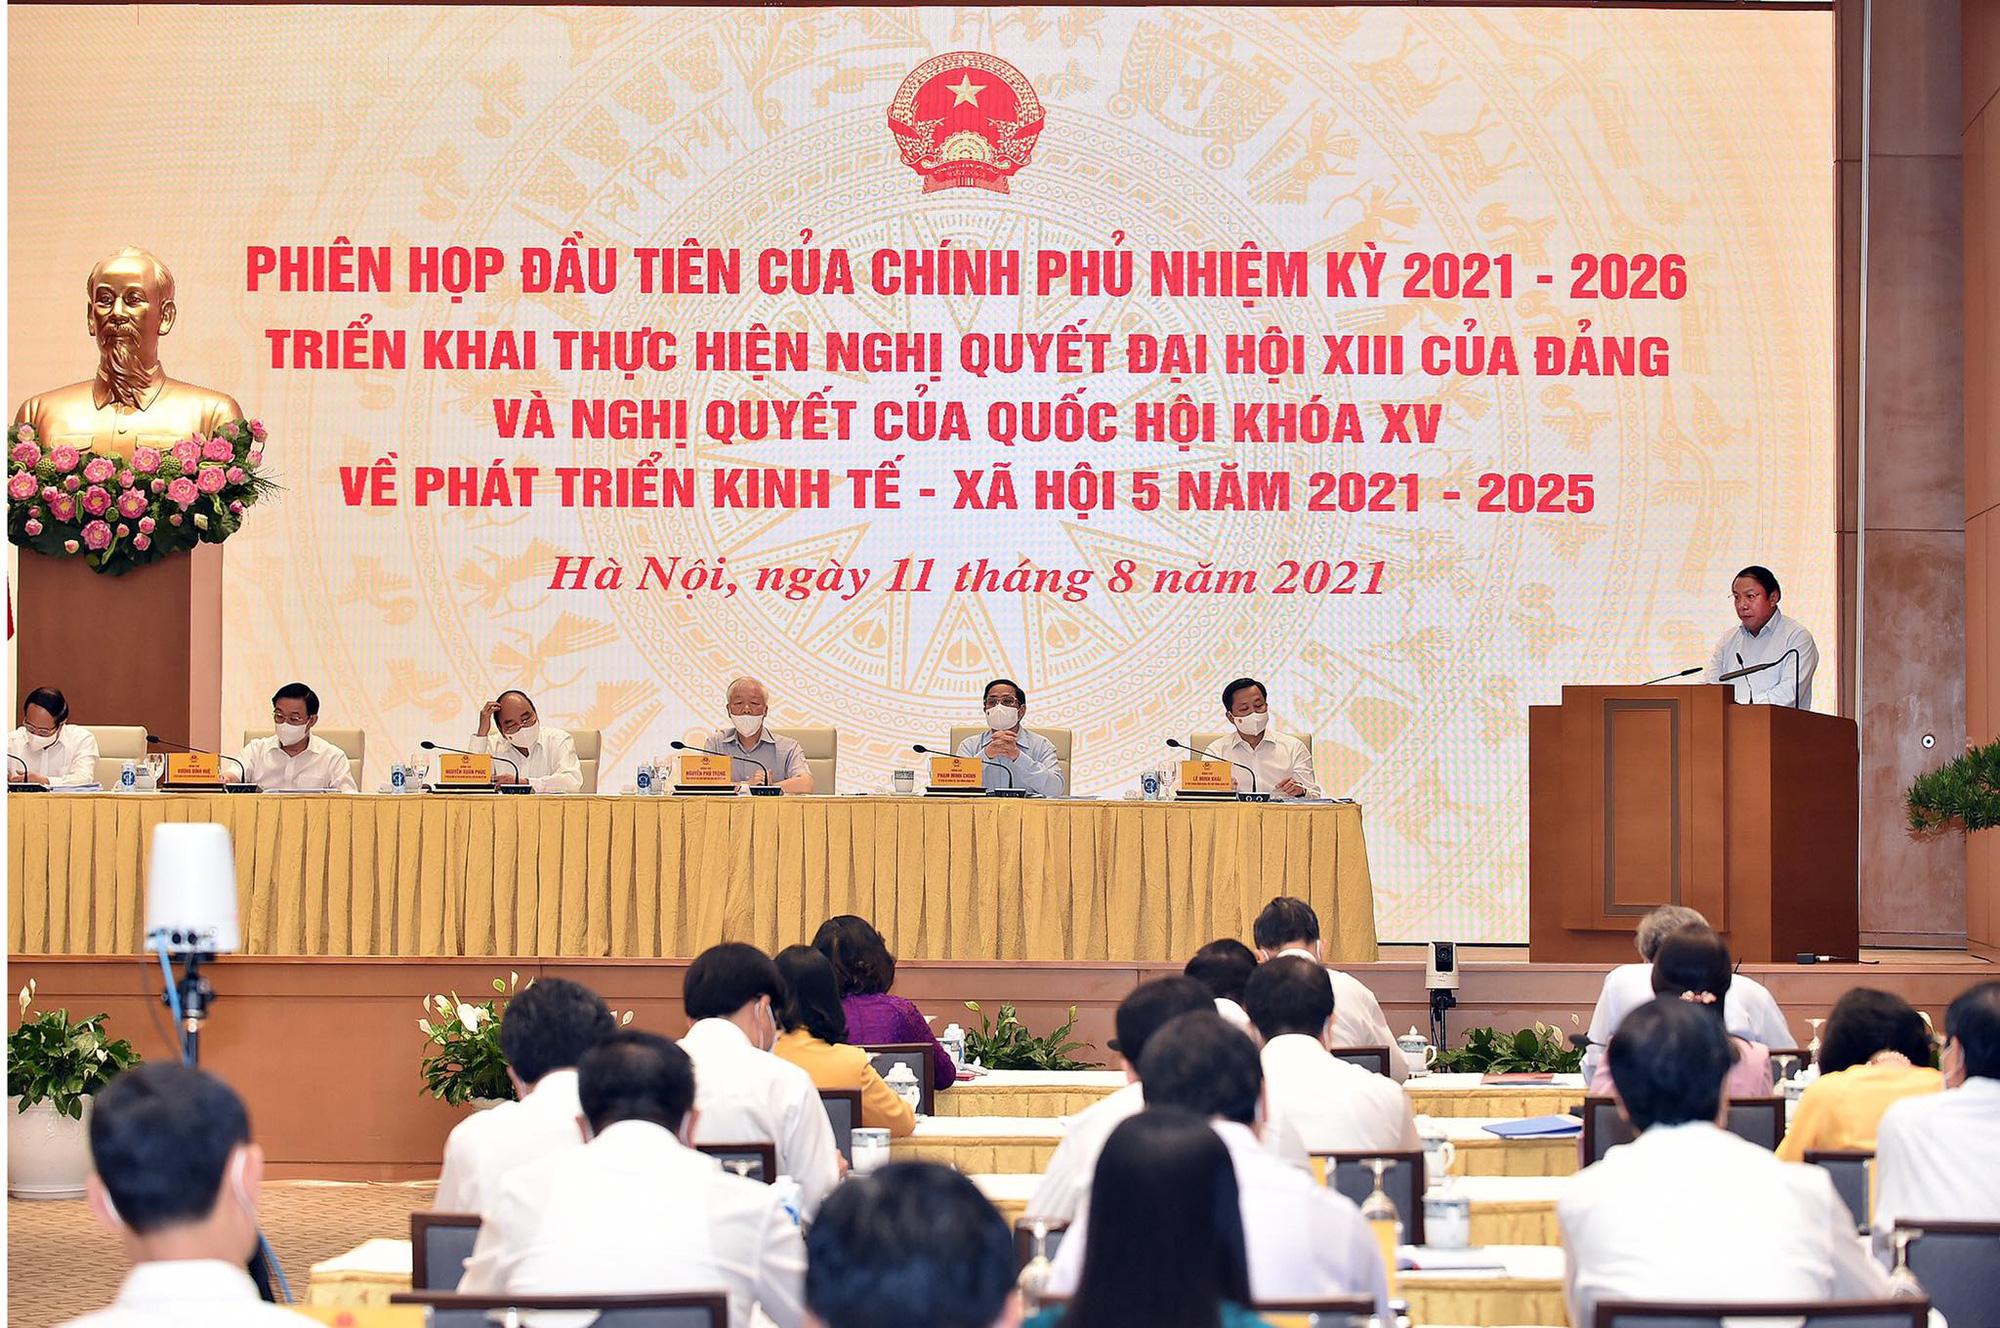 Phát huy giá trị văn hóa, sức mạnh con người Việt Nam và sức mạnh đại đoàn kết dân tộc - Ảnh 2.